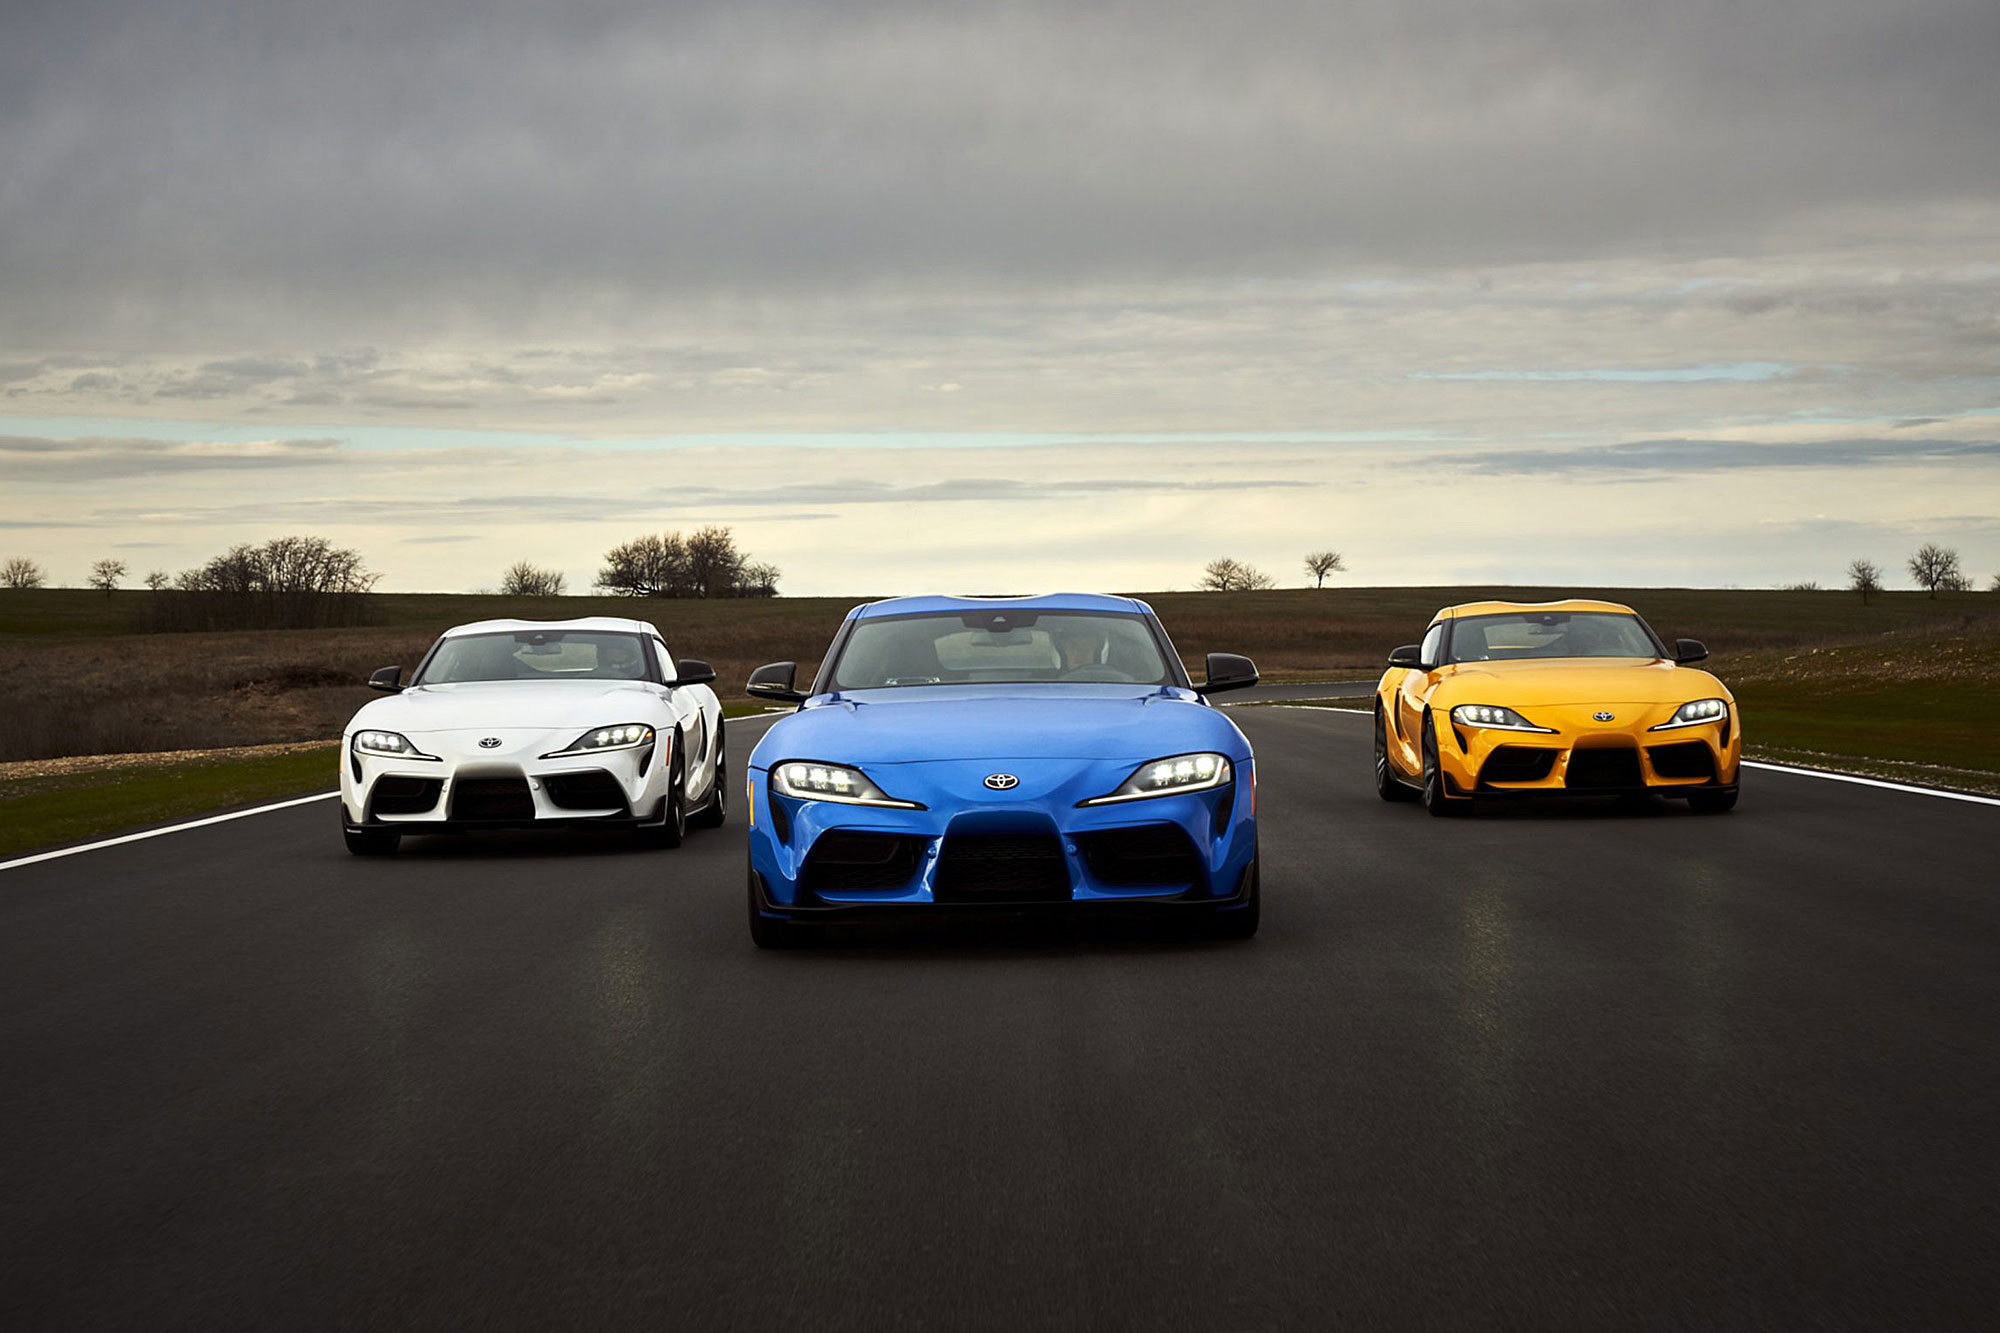 2021 年式美規 GR Supra 無論 3.0T 車型或者 2.0T 動力車型都有所升級。